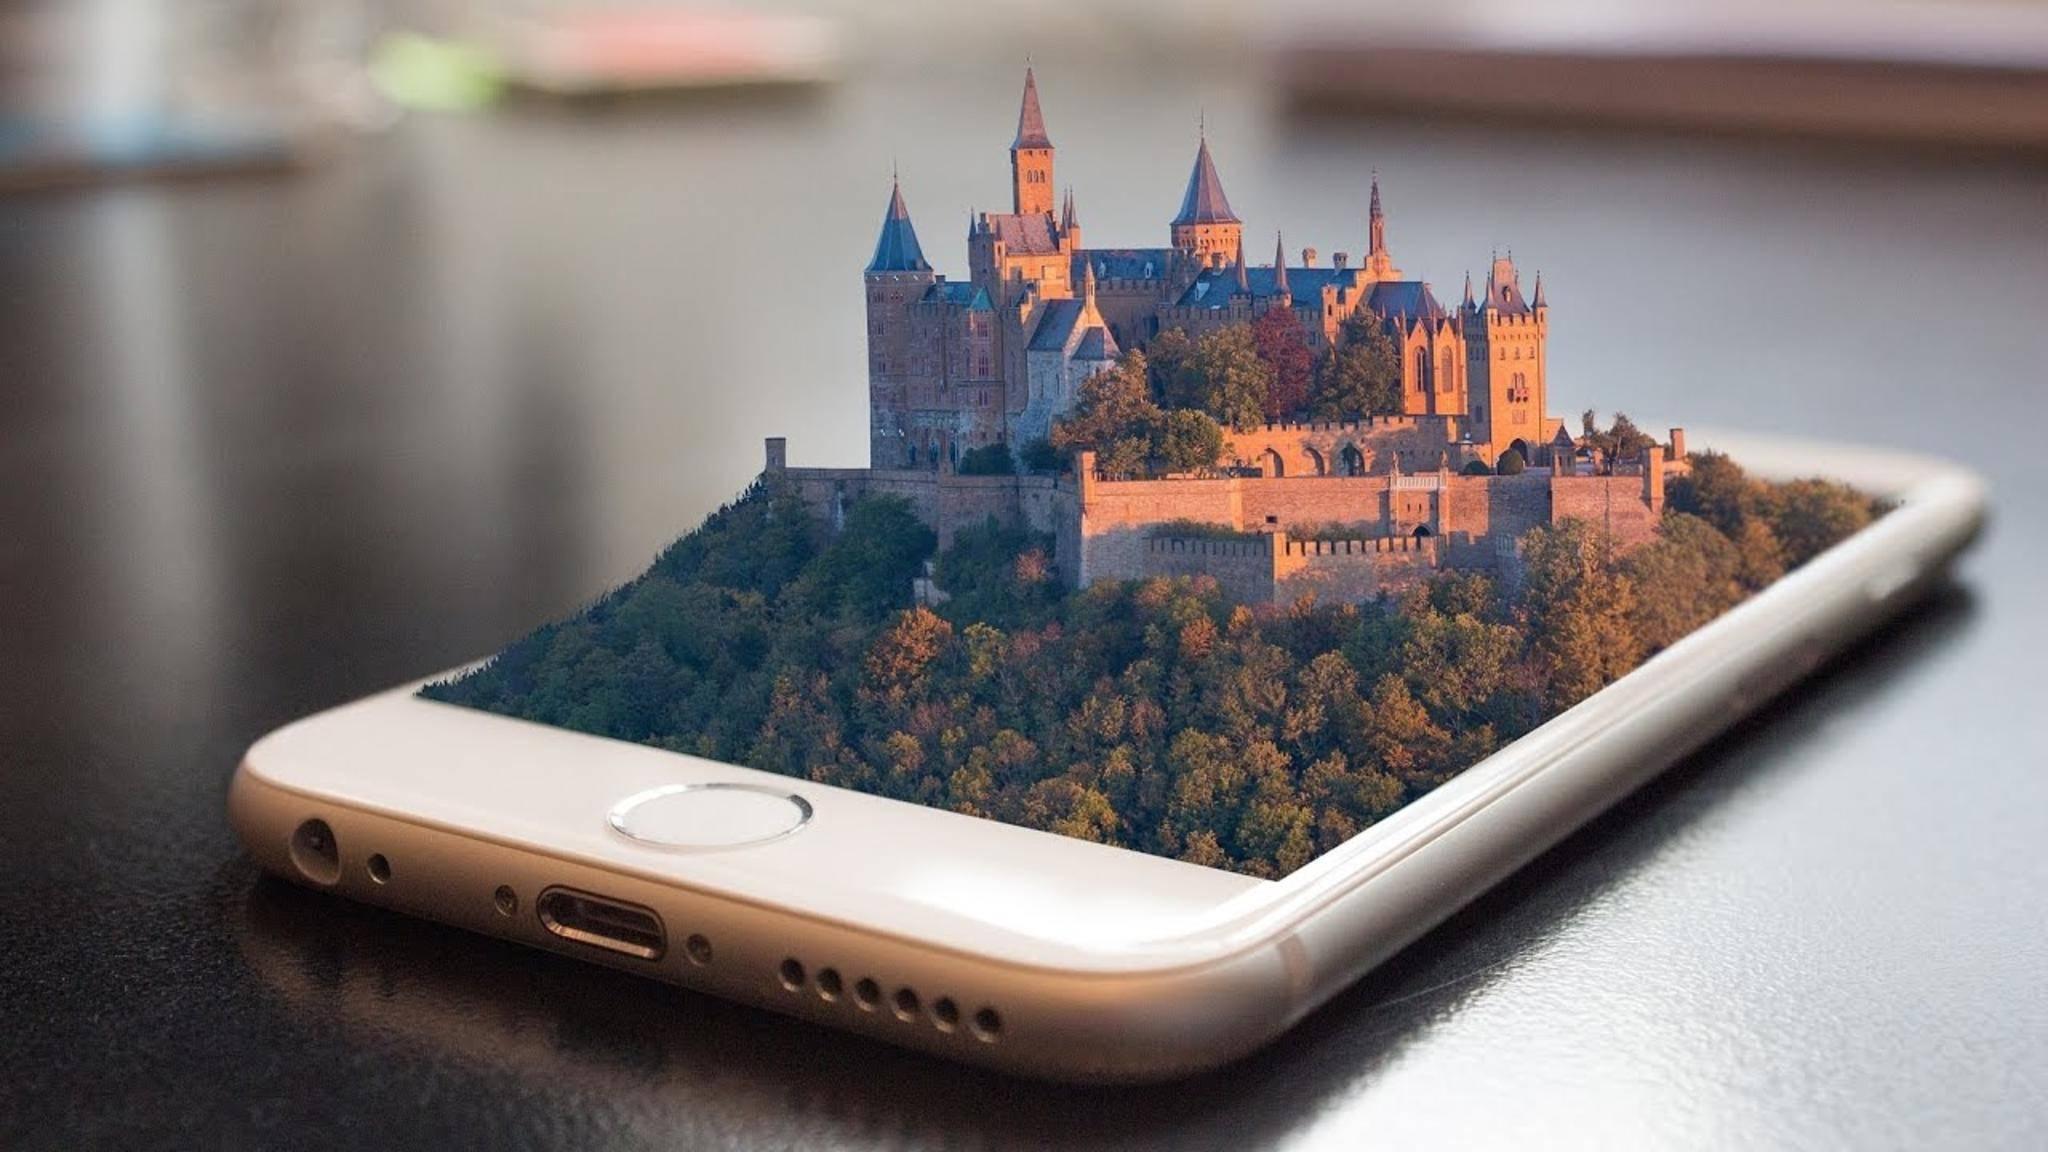 Du möchtest 3D-Bilder auf Facebook posten? Wir verraten, wie das funktioniert.